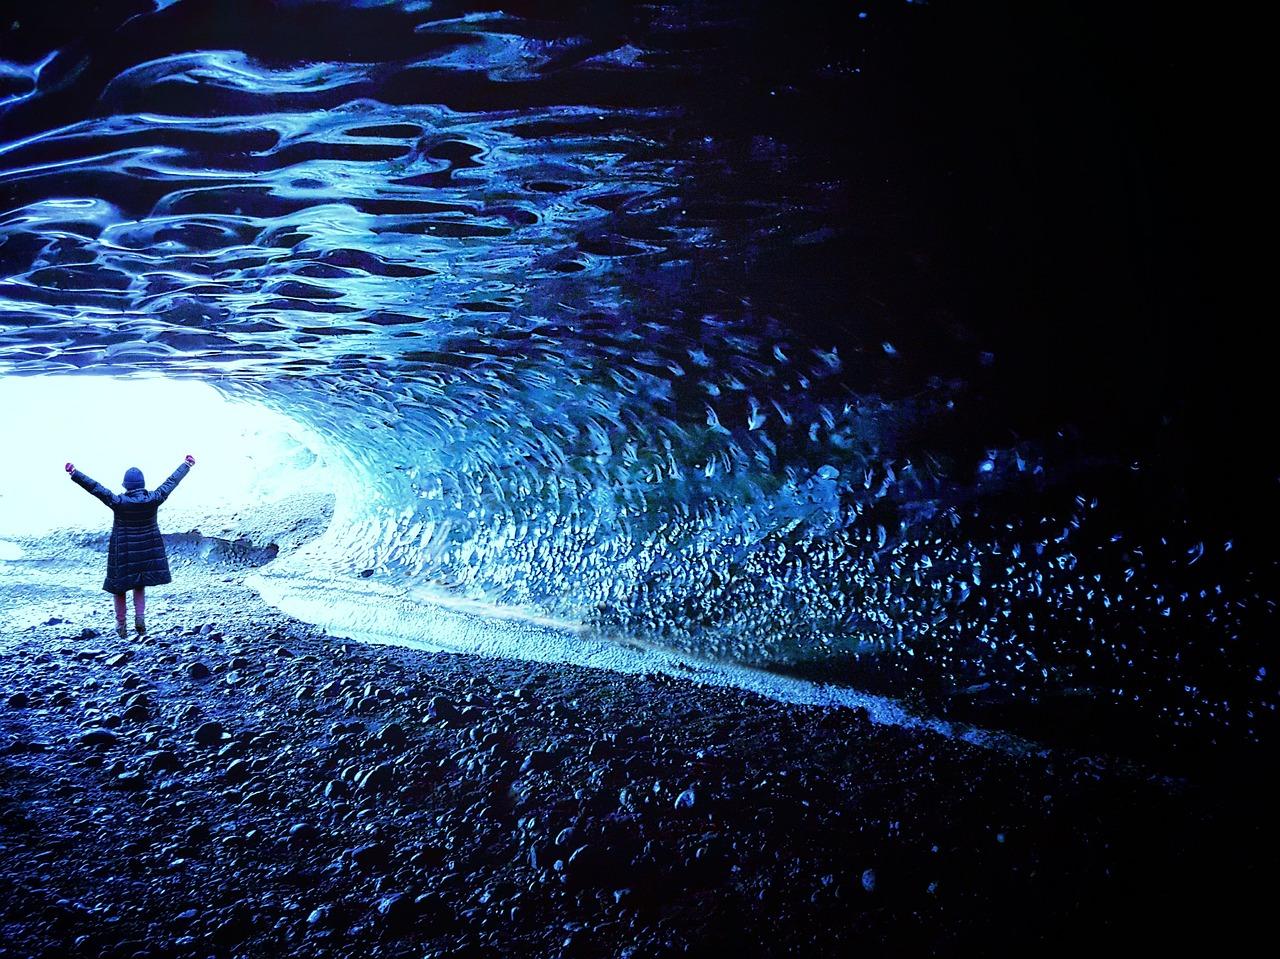 Abenteuer Winterreise Island: Touren zu den faszinierenden Eishöhlen